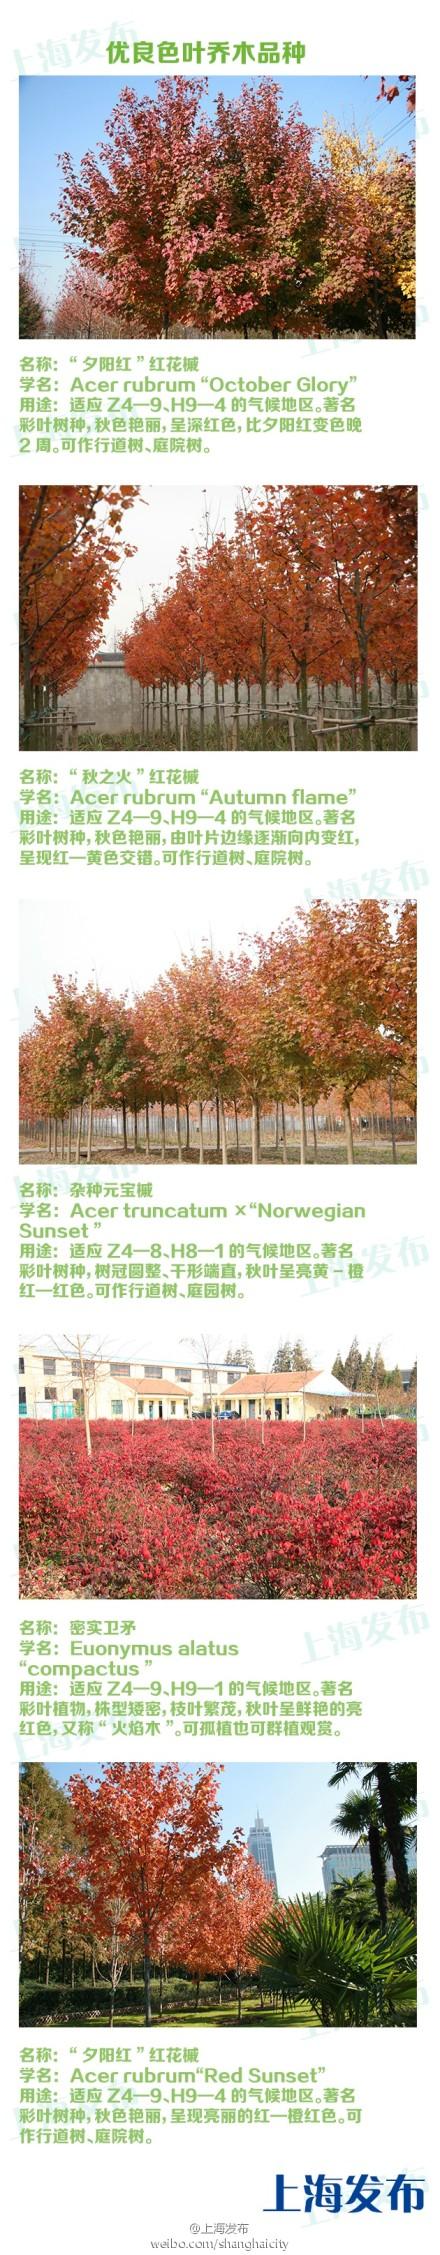 """上海市将推广""""色叶乔木""""红花槭、火焰卫矛等"""